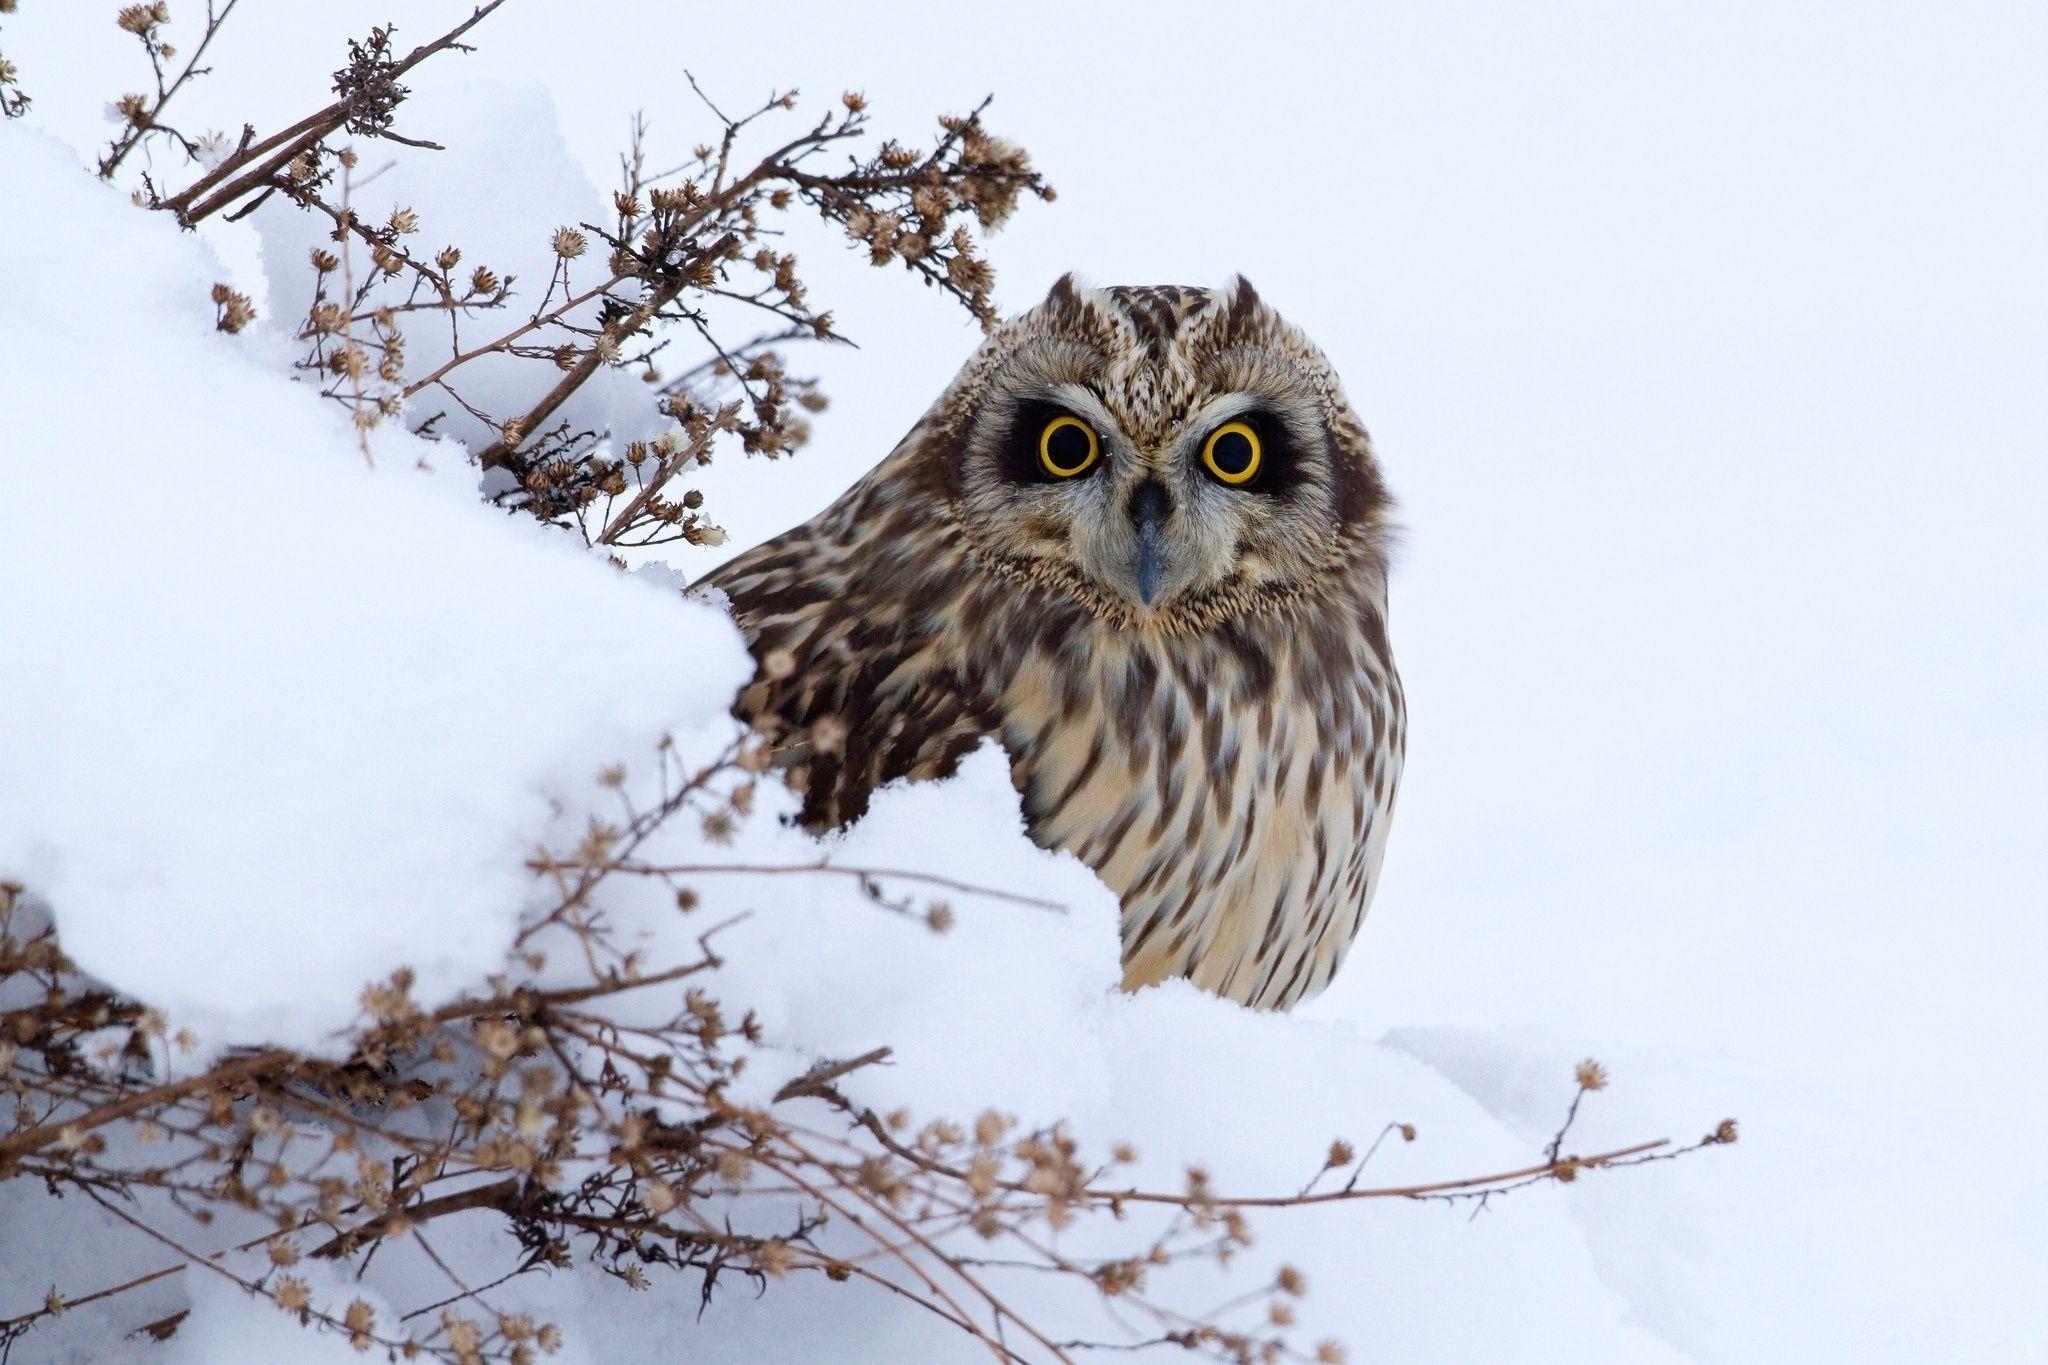 нас картинки совы зимой в лесу проснулся, сразу схватил